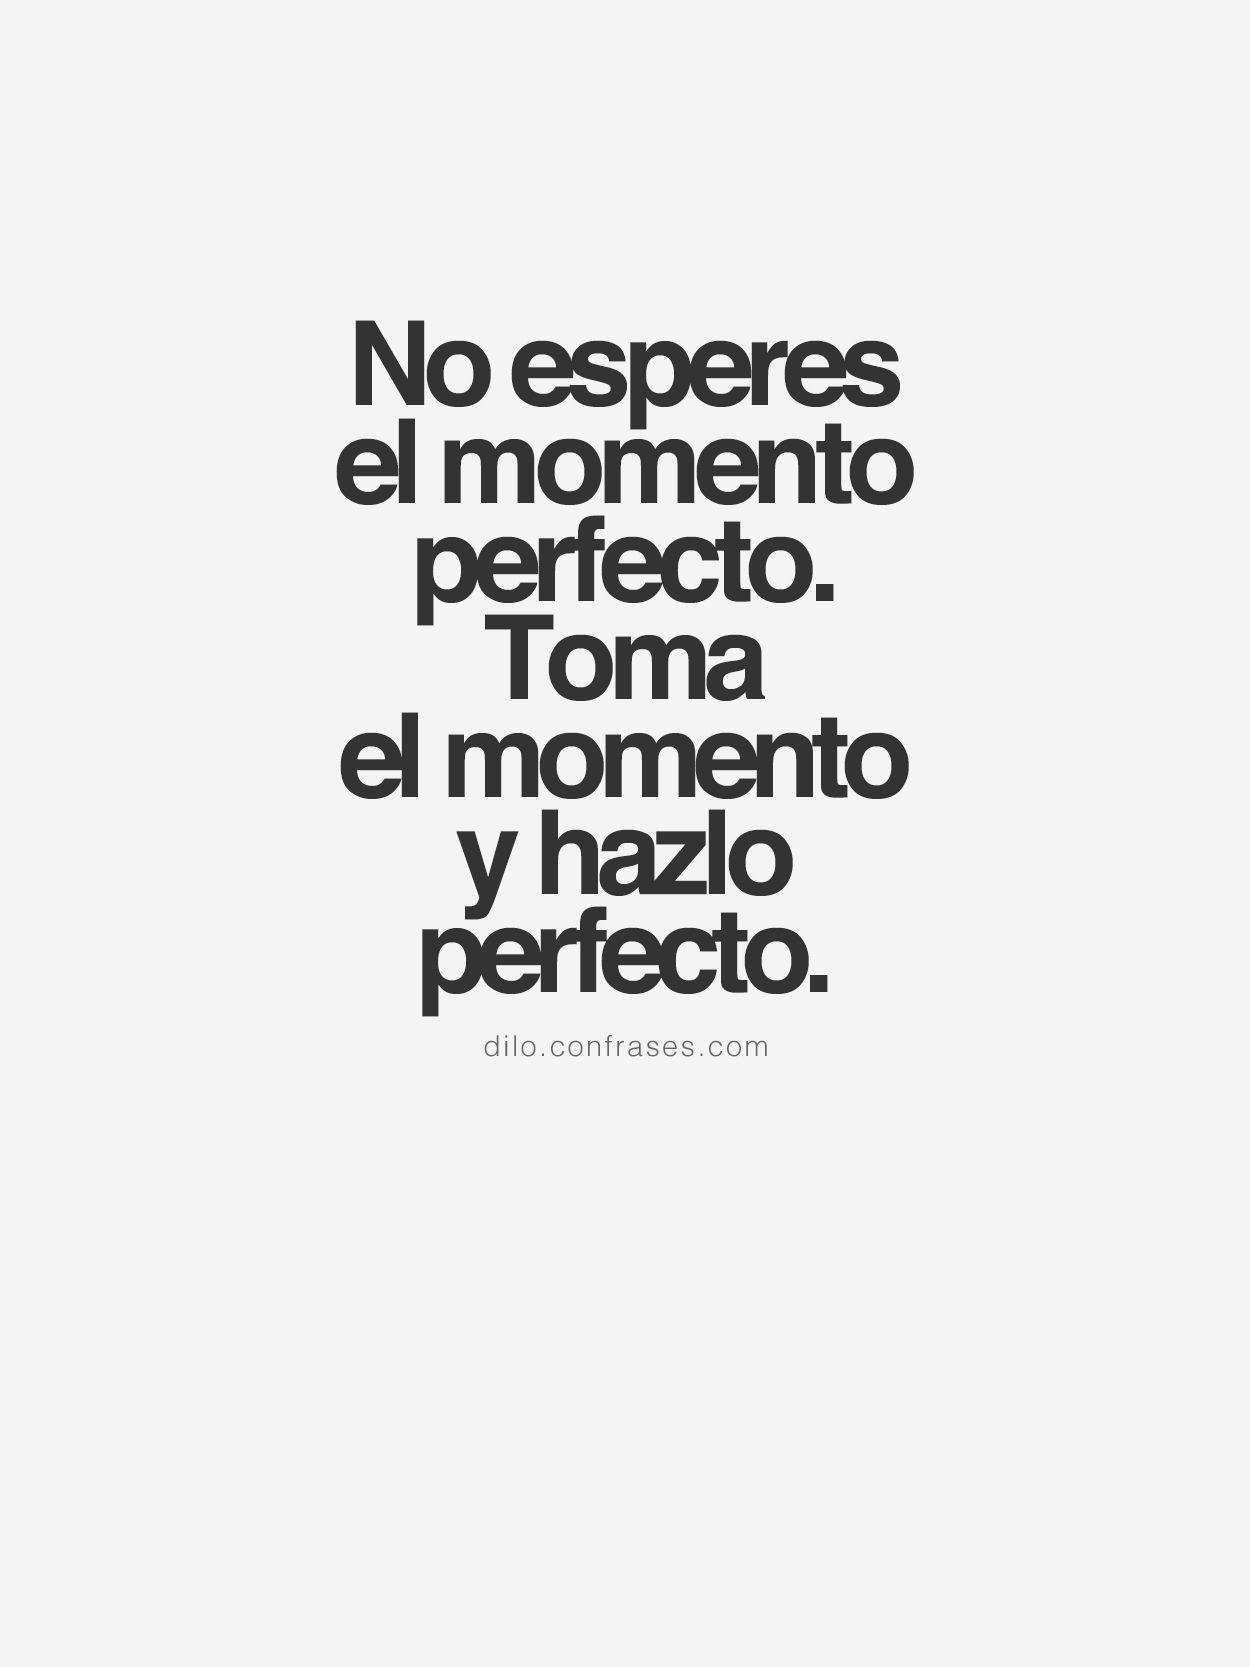 """Las mejores frases de """"No esperes el momento perfecto Toma el momento y hazlo perfecto """" — También te pueden interesar Frases de Inteligencia Frases de"""